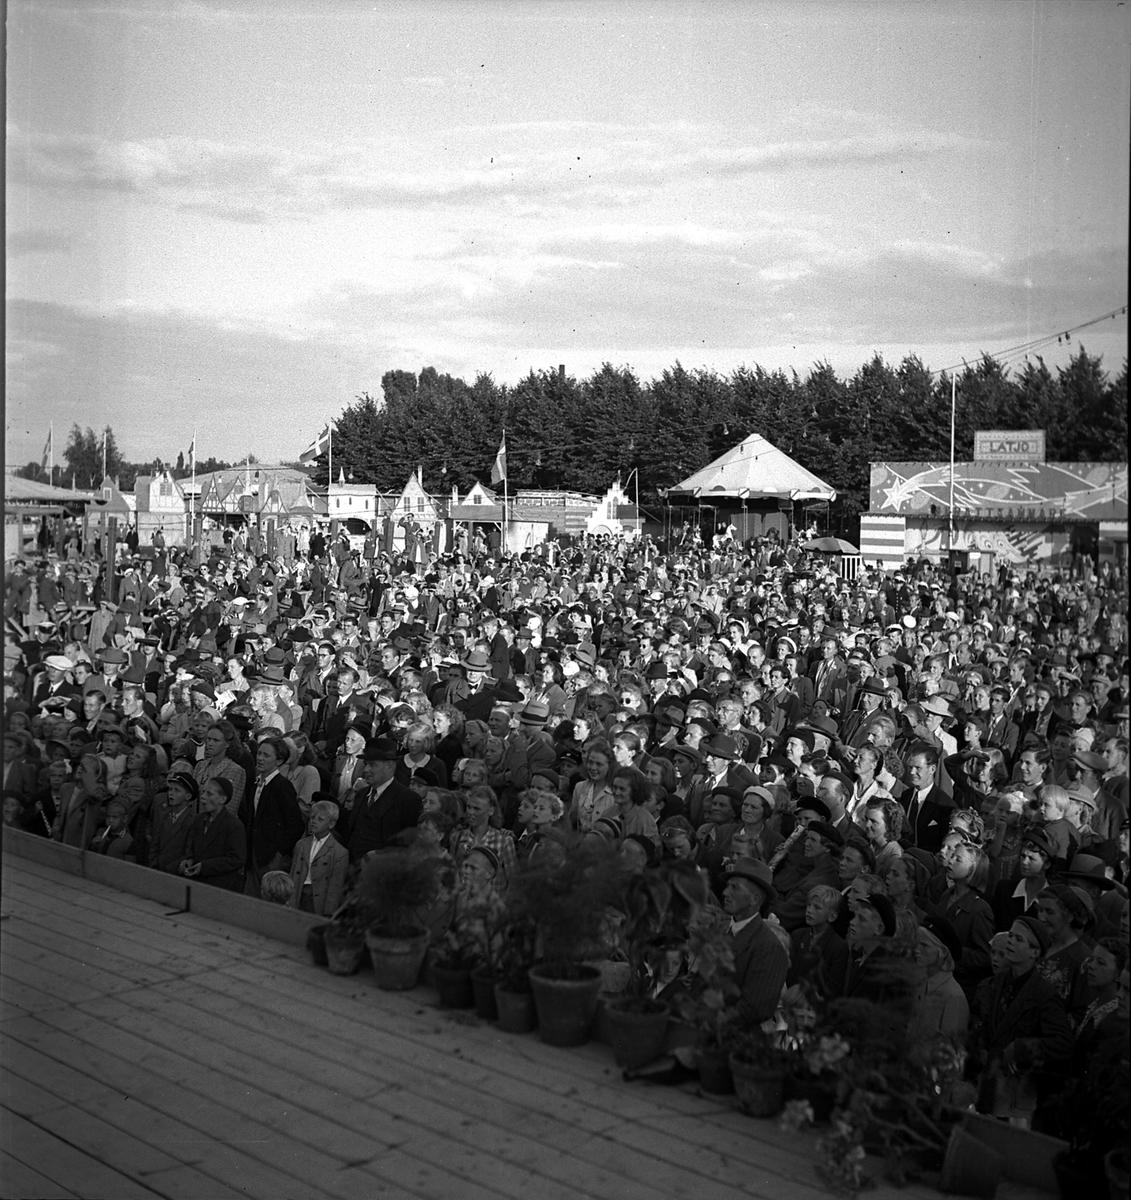 Hantverksutställningen 1947 i Kalmar. Publikhav framför stora scenen.